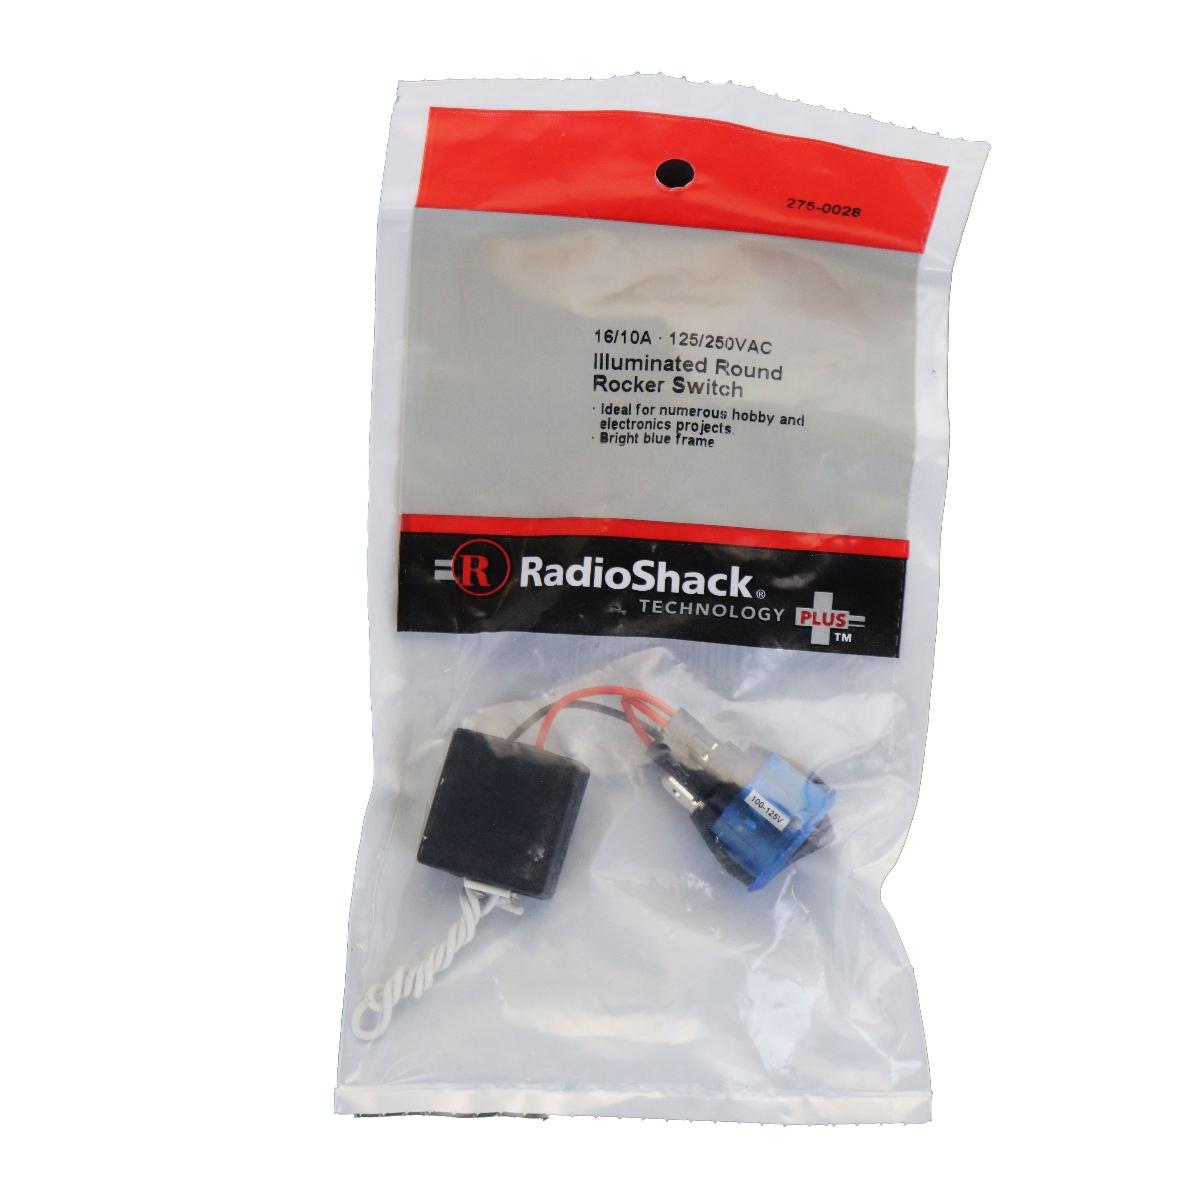 SPST 125/250VAC 16/10A Illuminated Round Rocker Switch